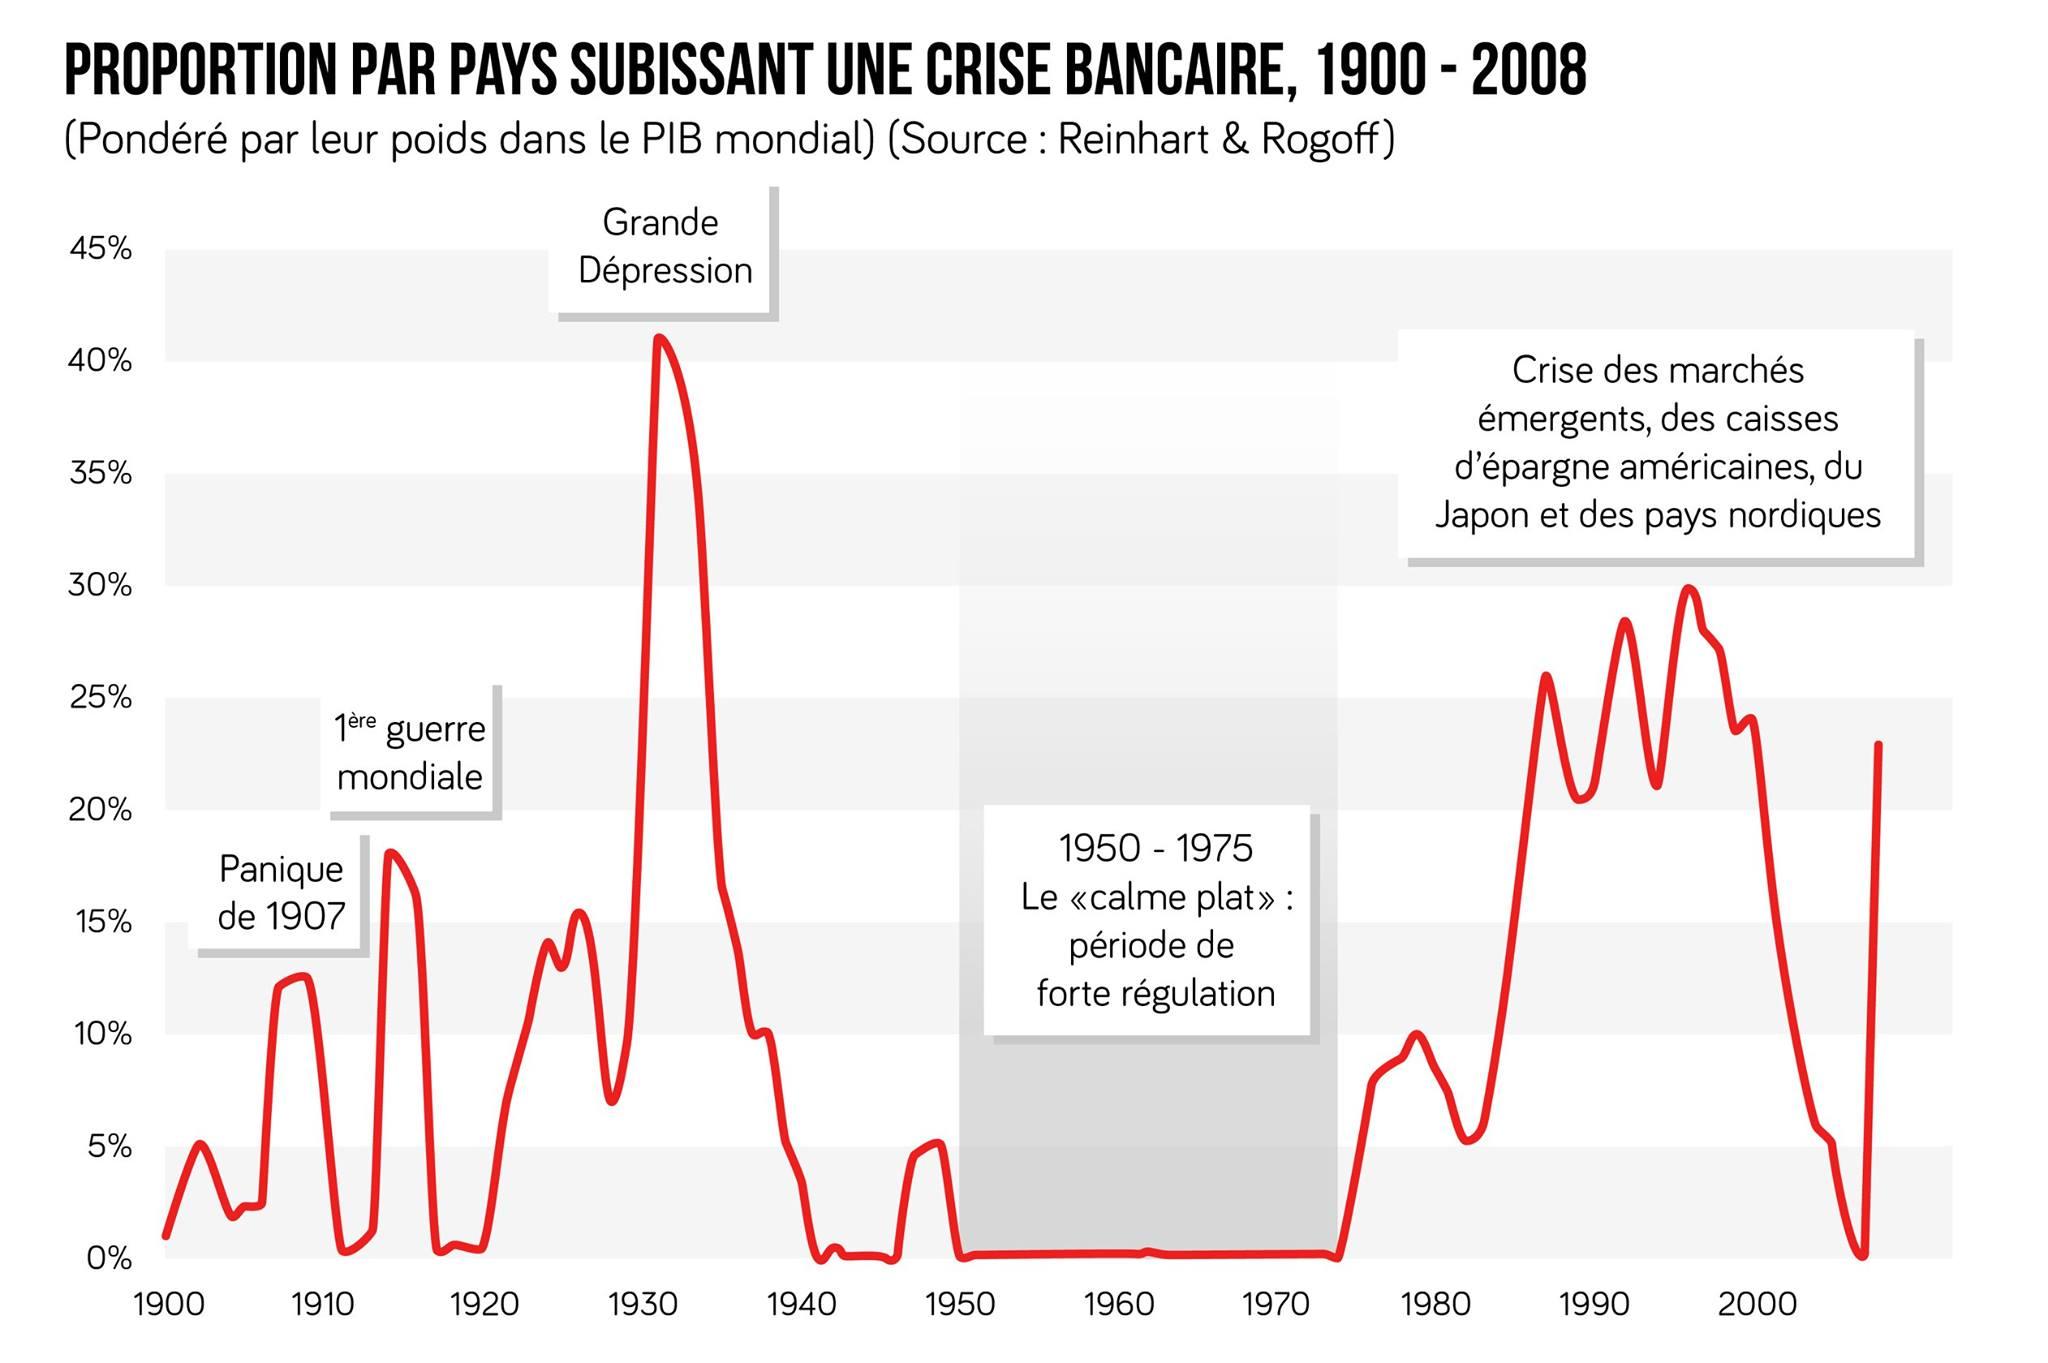 Proportion de pays subissant une crise bancaire, 1900-2008